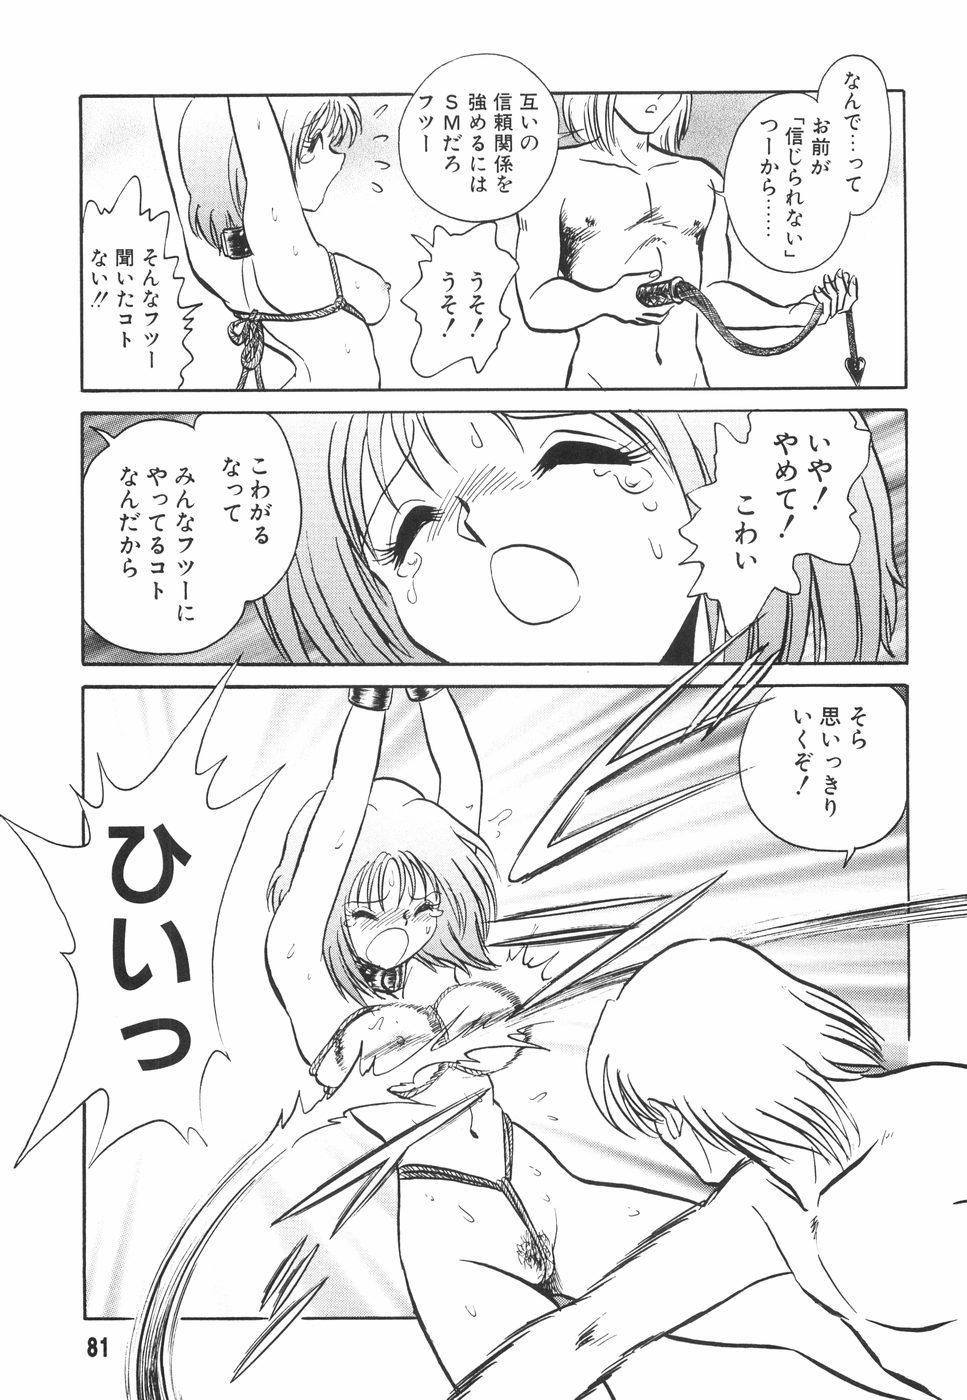 Hazukashime no Jikan 81